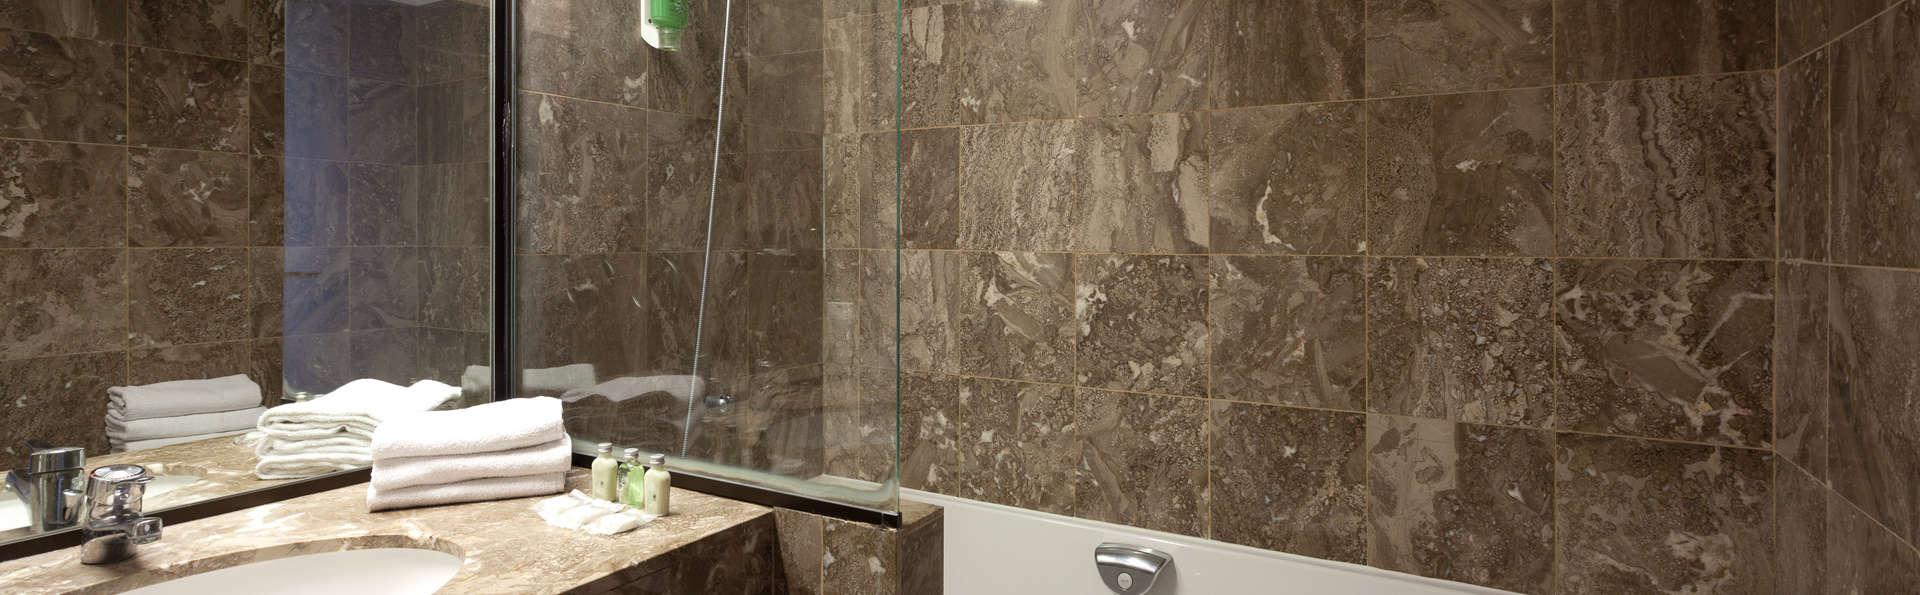 QUALITY HOTEL DUNKERQUE - Edit_Bathroom.jpg